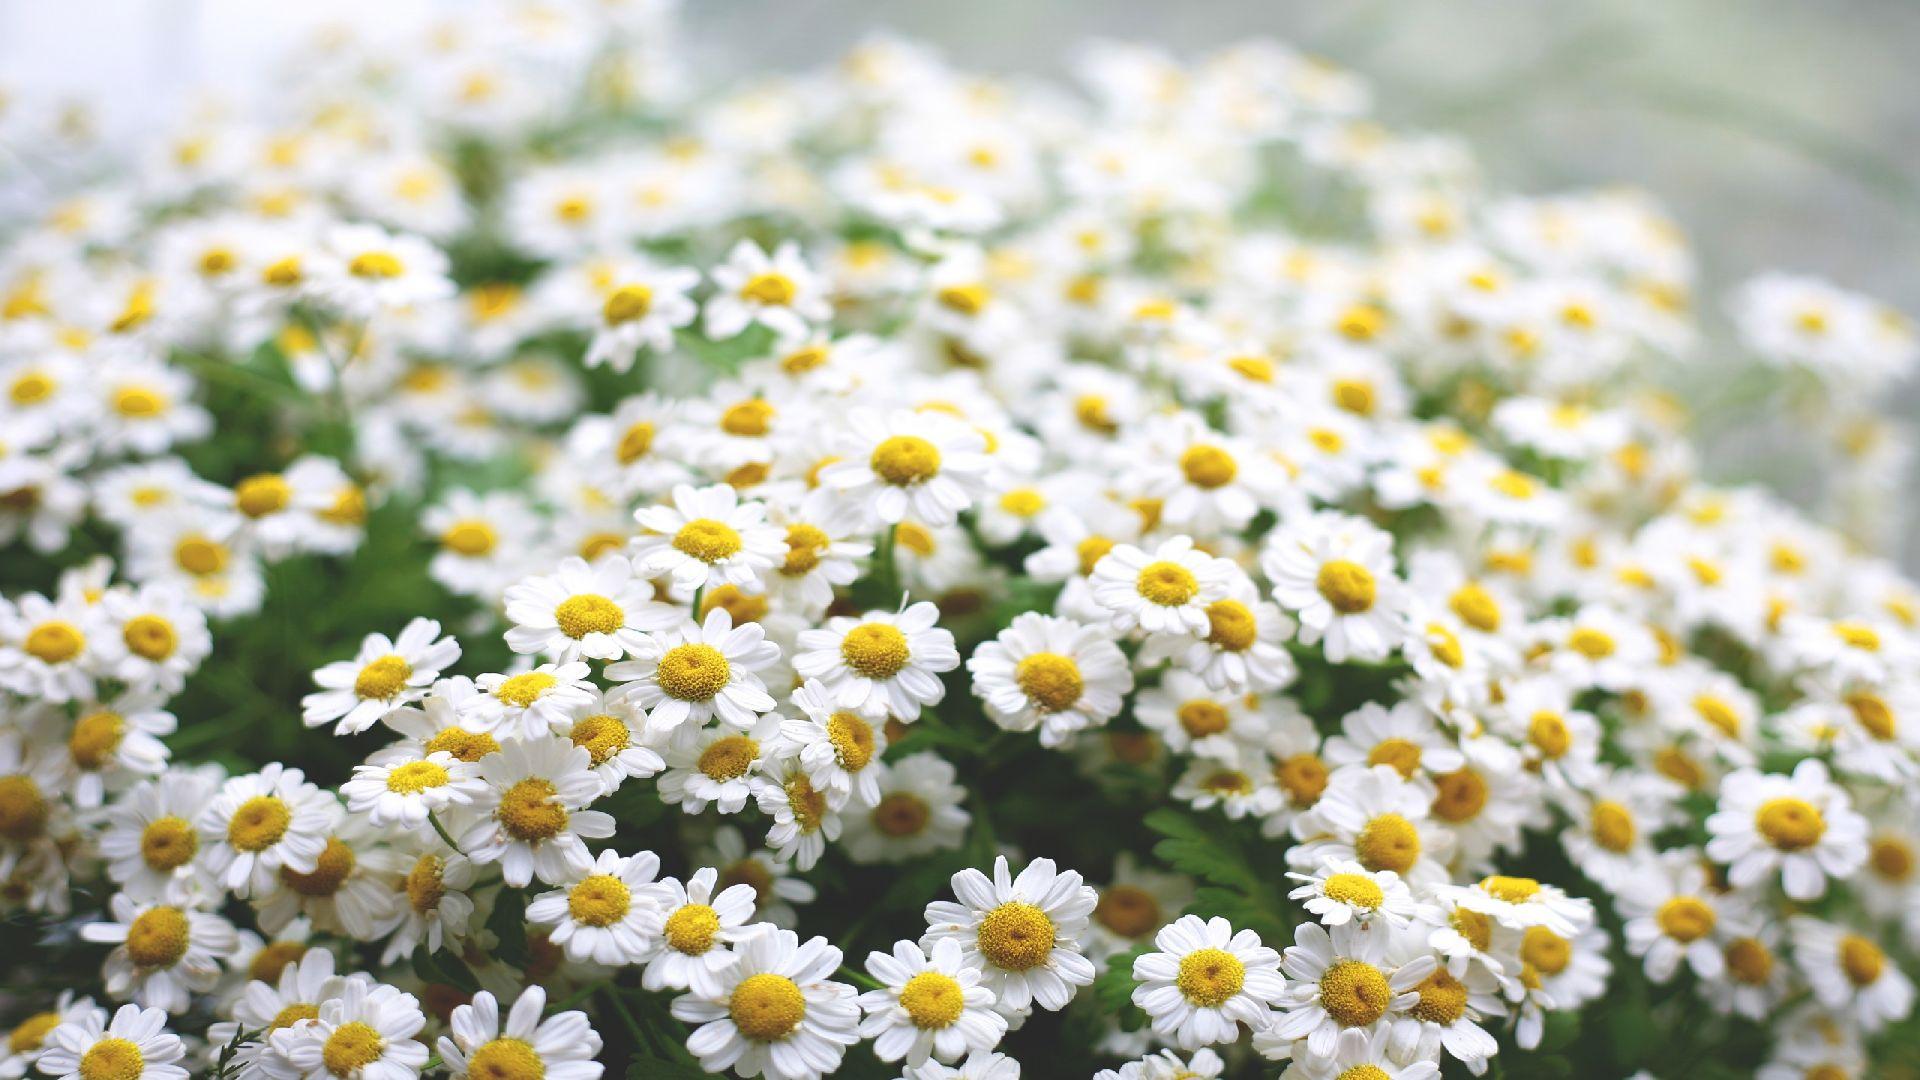 основе травы красивые фотографии с цветами ромашки интернет магазин представляет